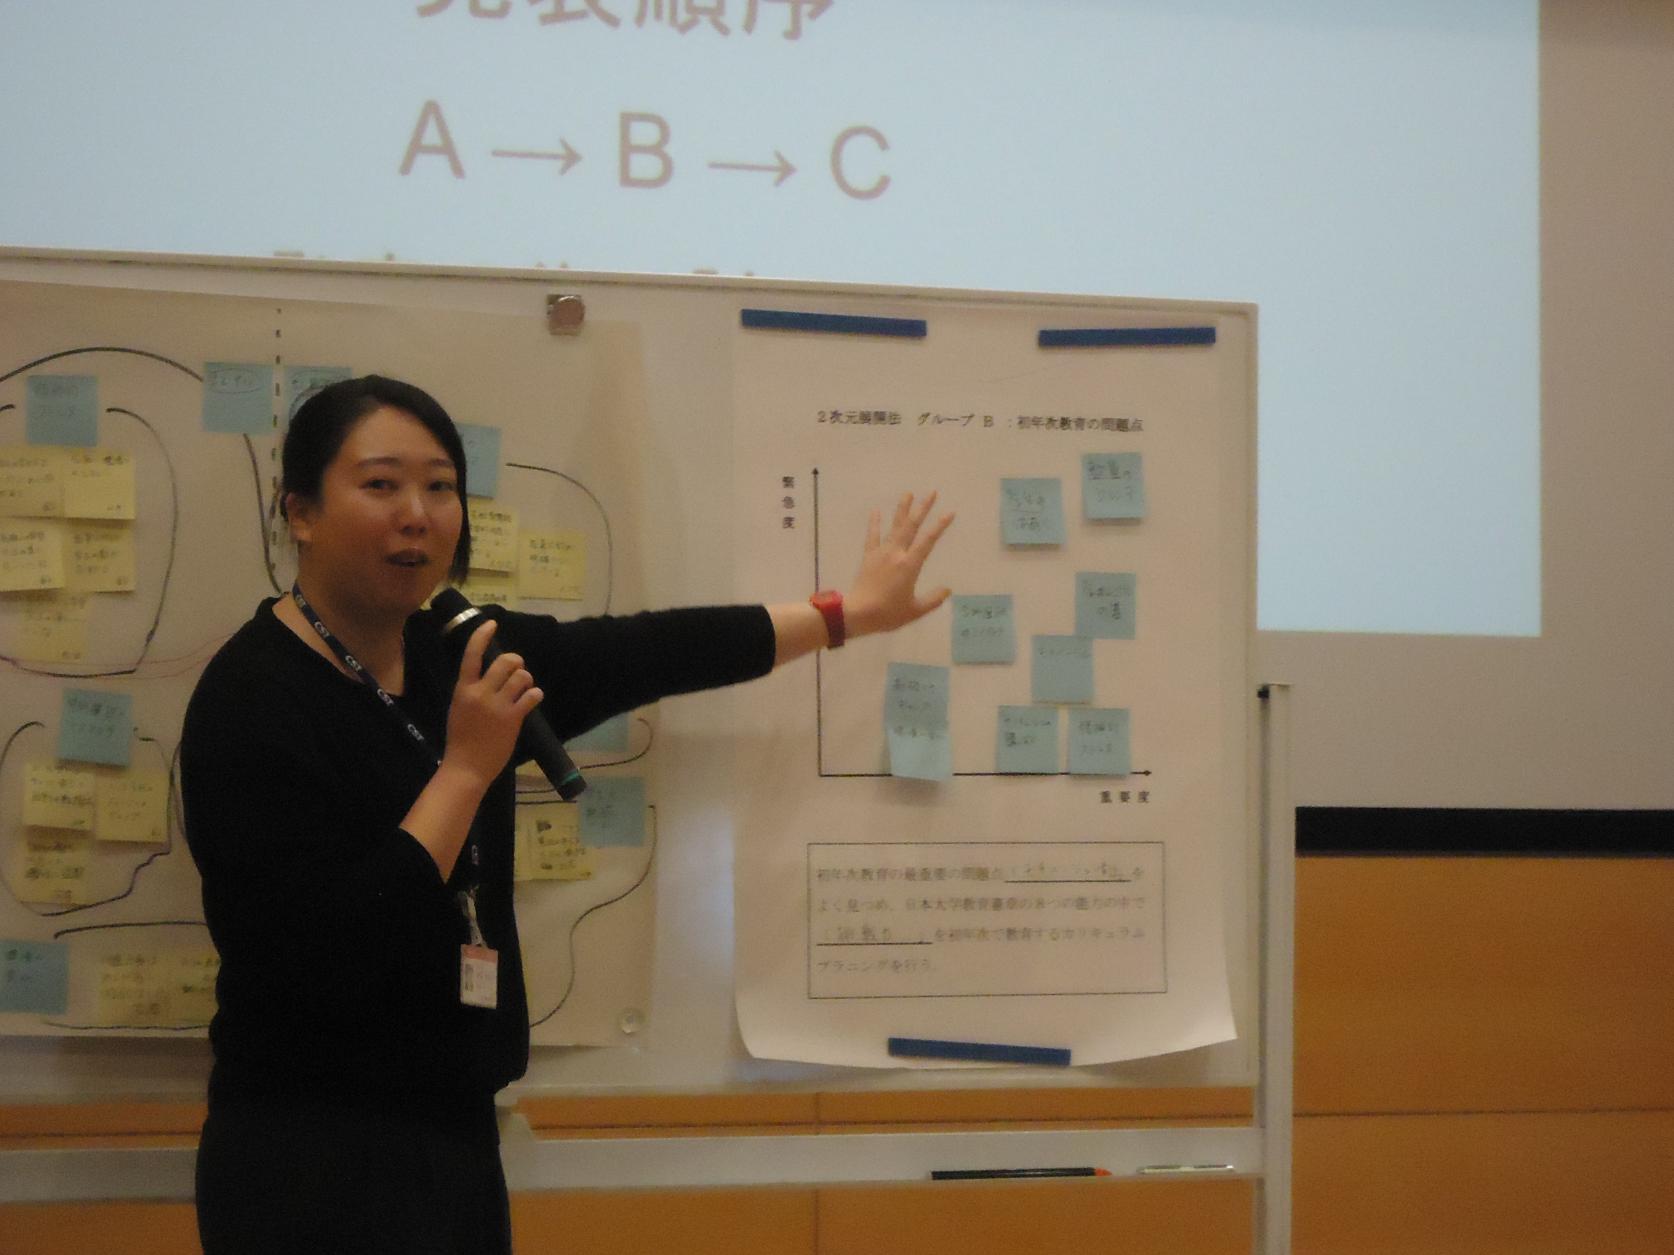 2018年12月18日(火) 全学FDワークショップ@キャンパス(理工学部)を開催しました。